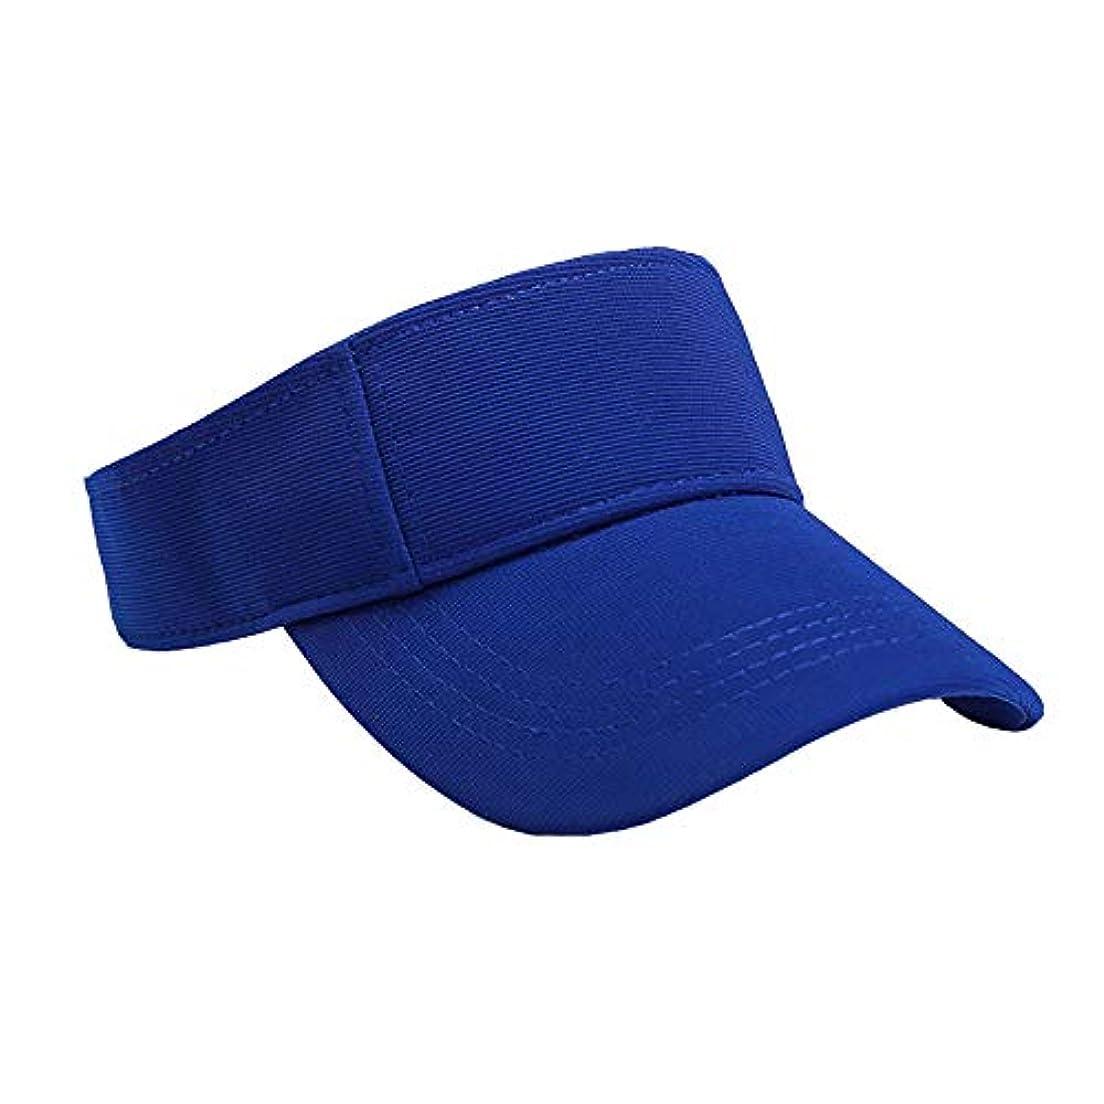 ガレージつま先コンチネンタルMerssavo ユニセックスサマースポーツキャップ、サン帽子レディーステニスゴルフバイザーメッシュ野球帽、調節可能な屋外オープントップヘッドトラベルハイキング帽子、ブルー